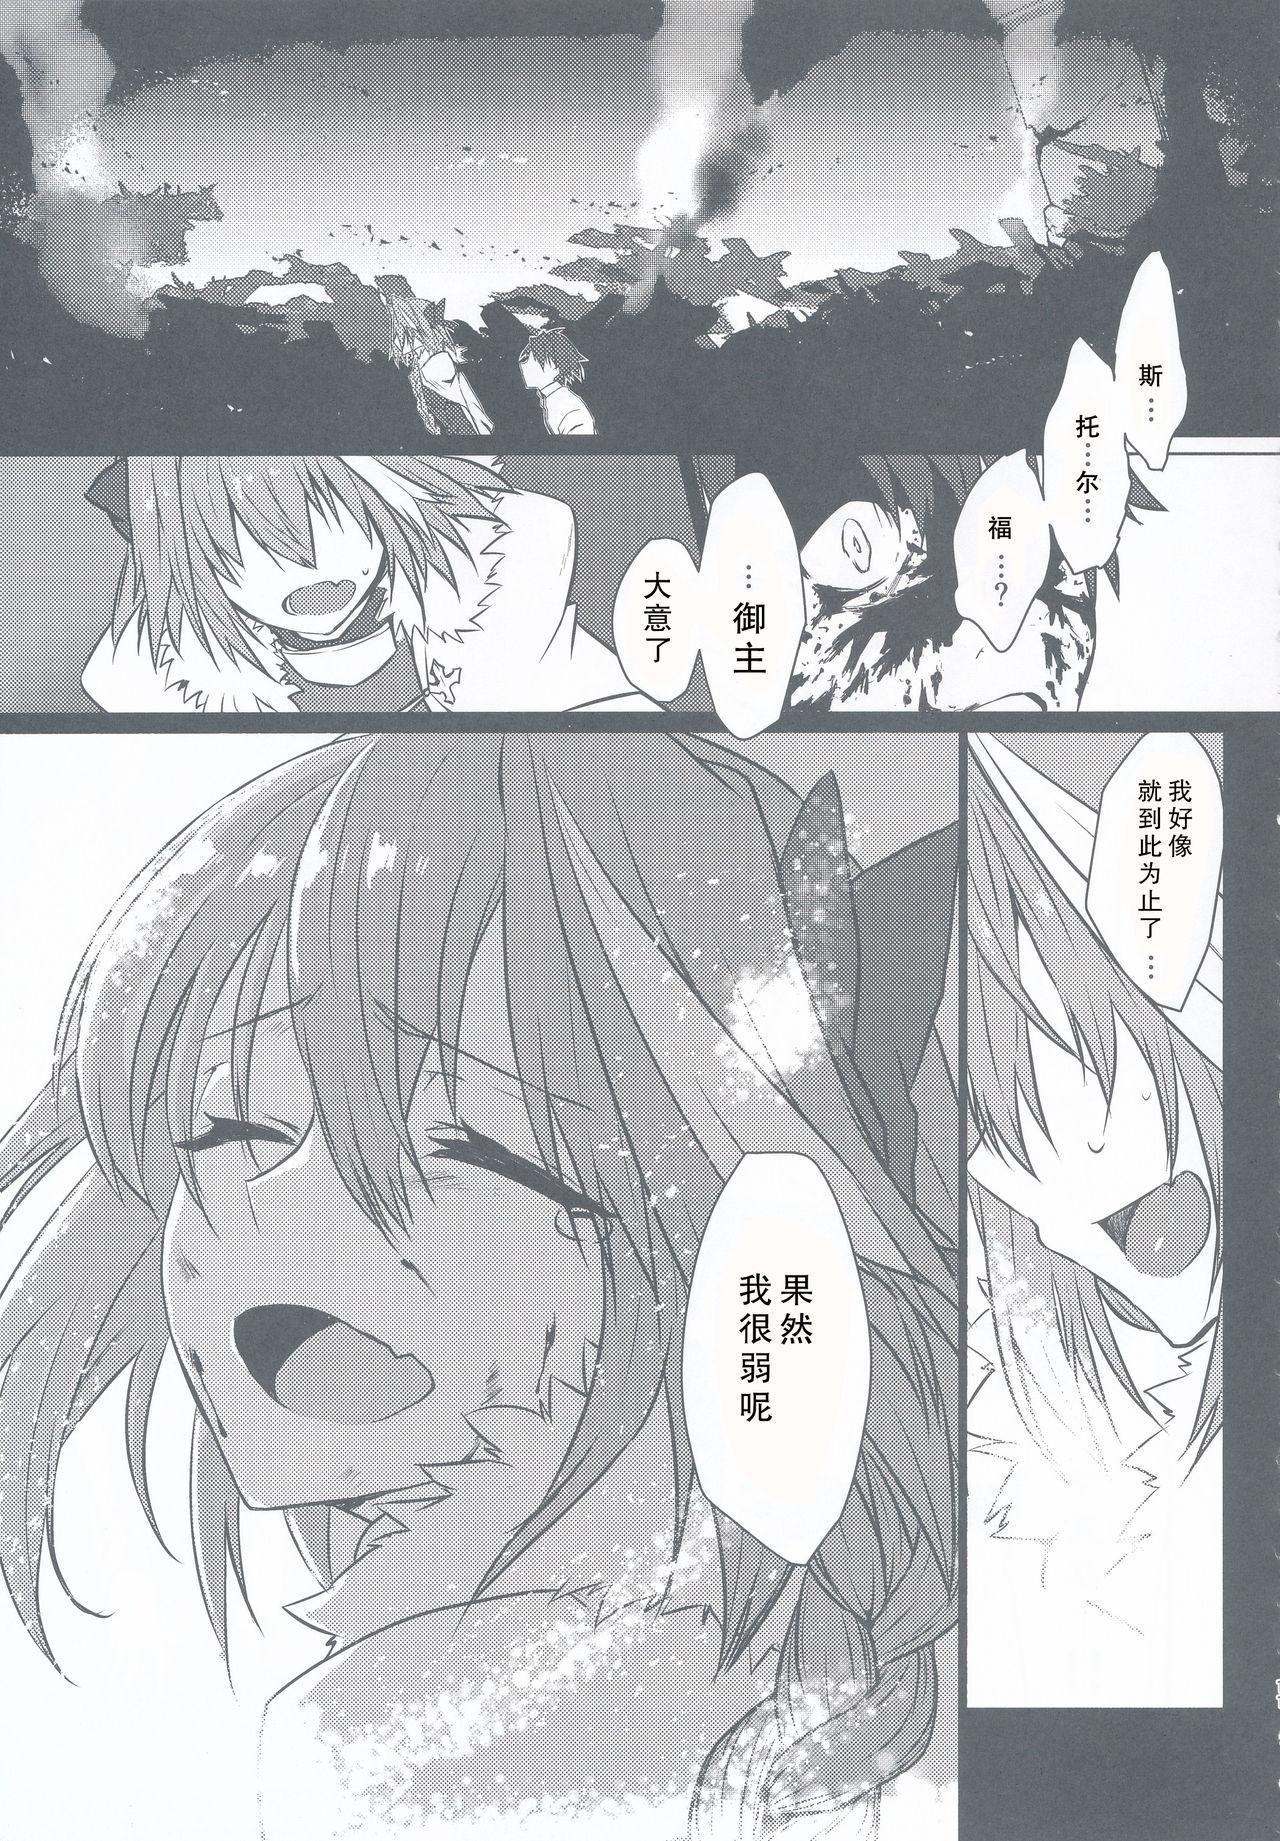 Astolfo-kun to Nenmatsu ni Ichaicha Sugosu Hon 12